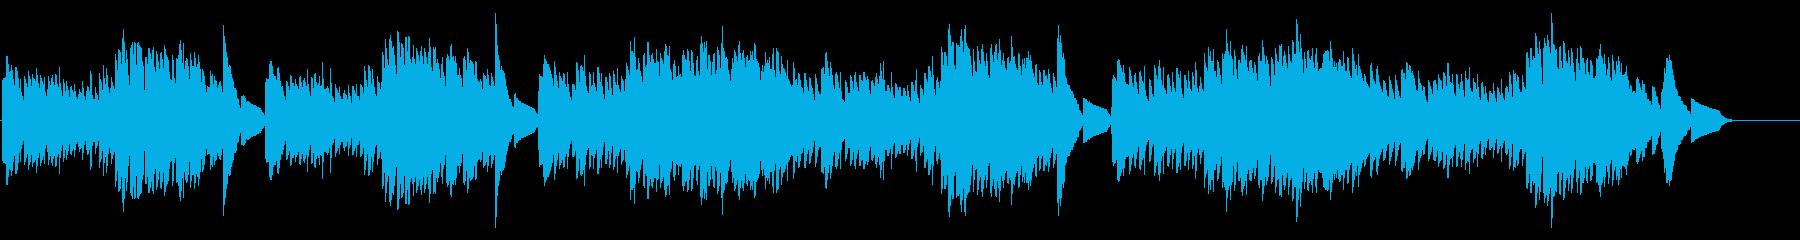 キラキラ星変奏曲(Var X)オルゴールの再生済みの波形